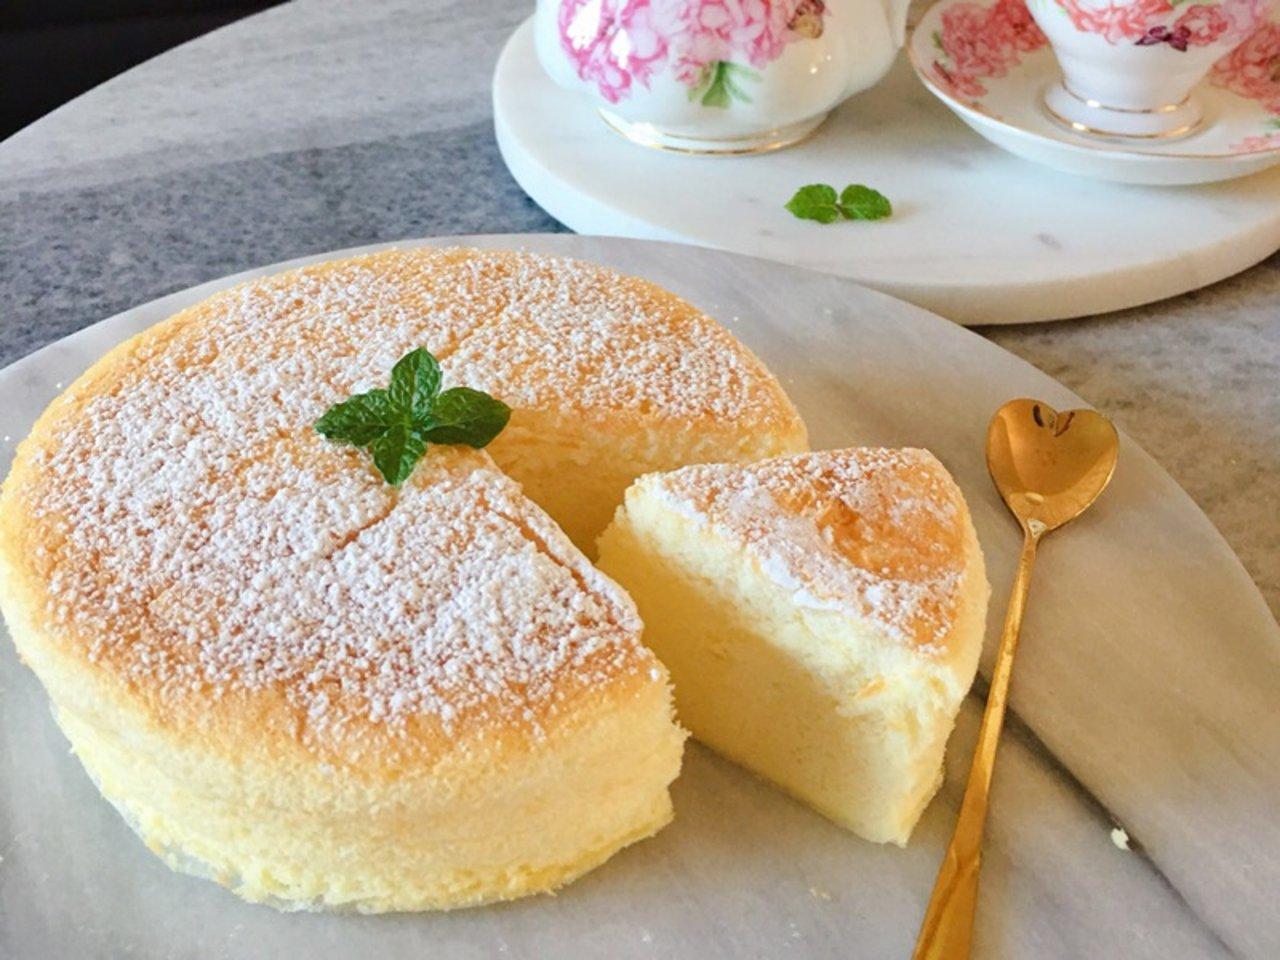 留恋那一份小清新入口即化的日式轻芝士蛋糕